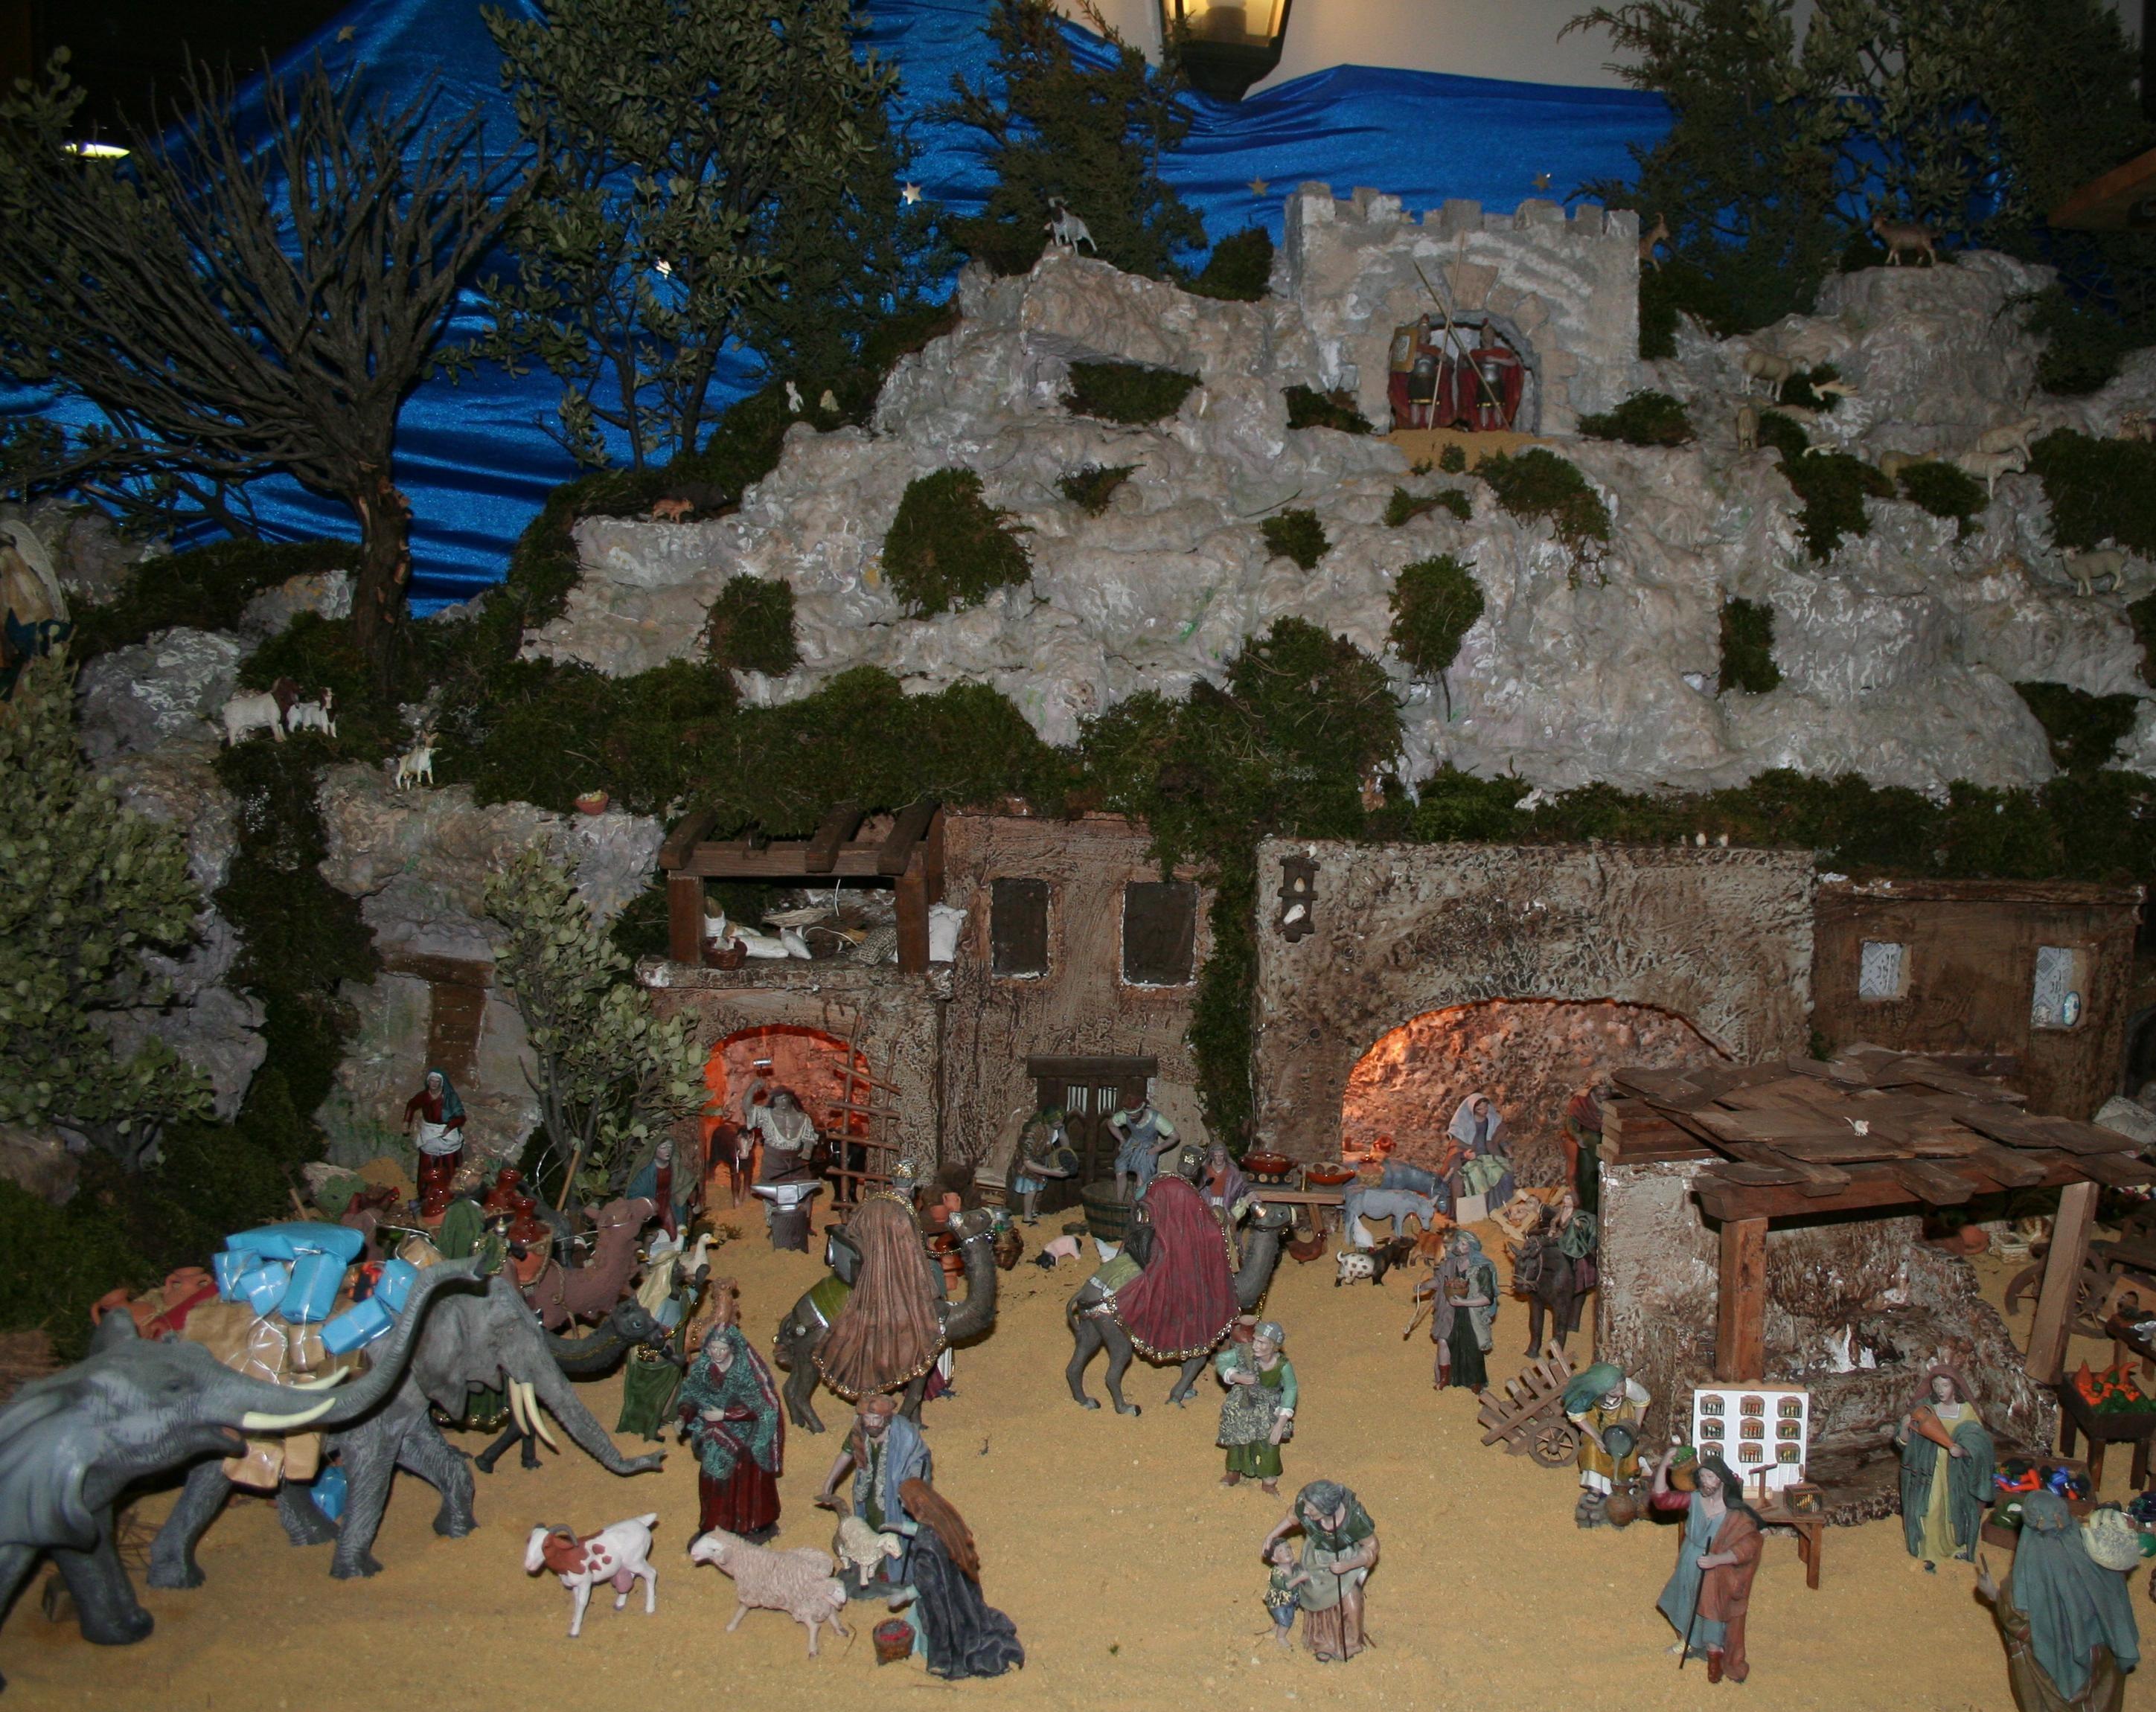 Durante la Navidad la comarca de Albarracín se llena de Belenes preciosos